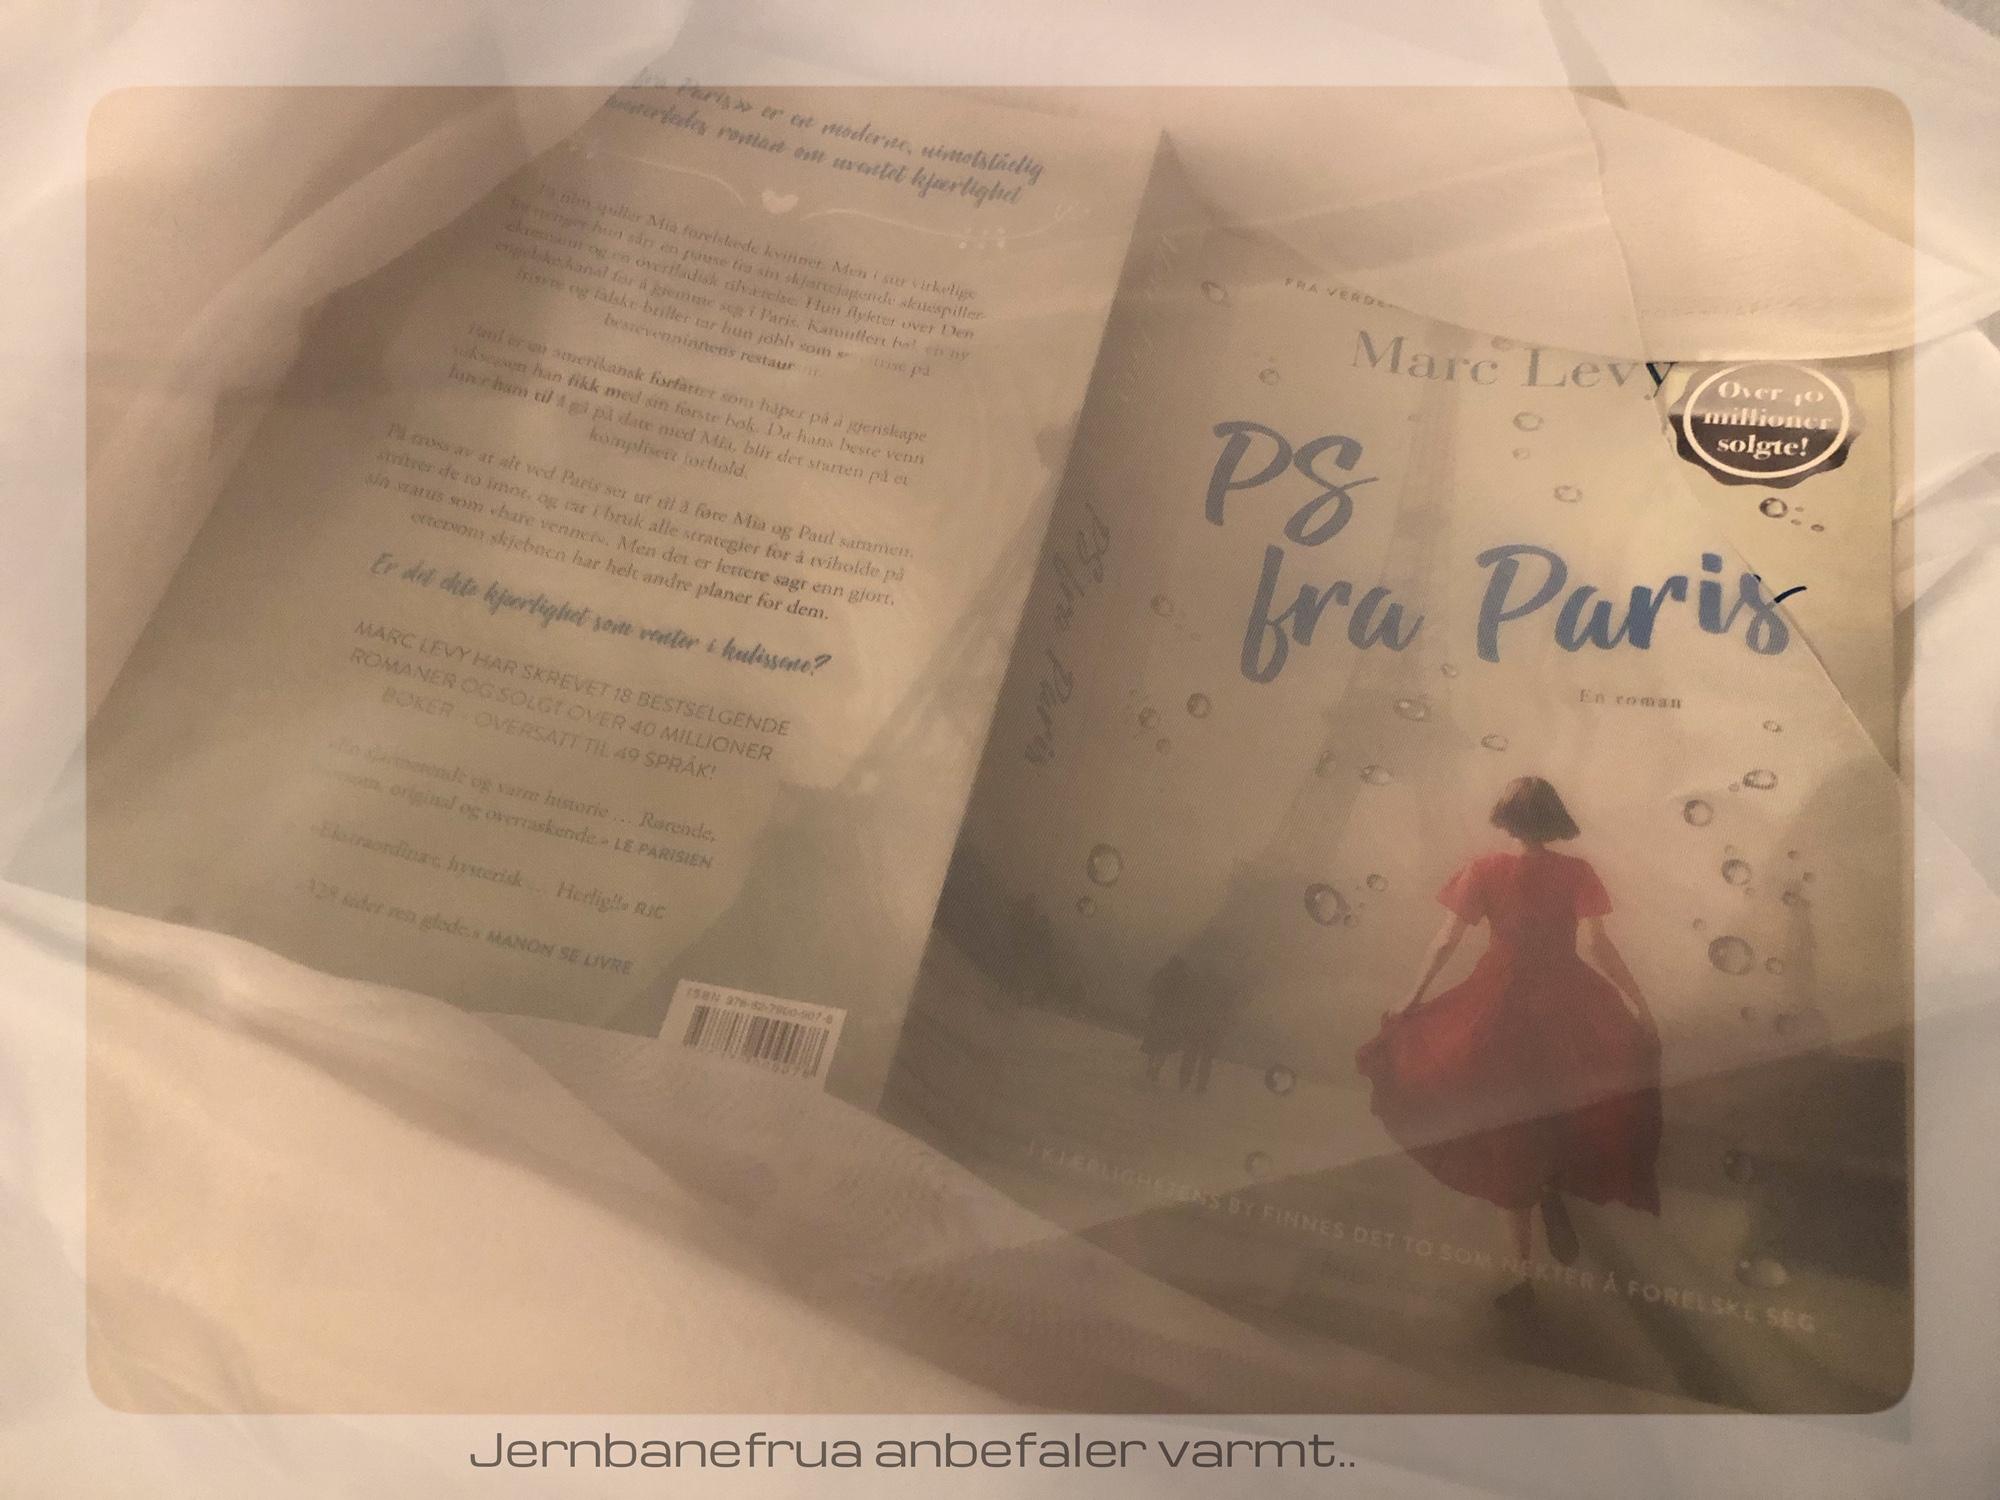 Jernbanefruas omtale av boken PS fra Paris skrevet av Marc Levy.